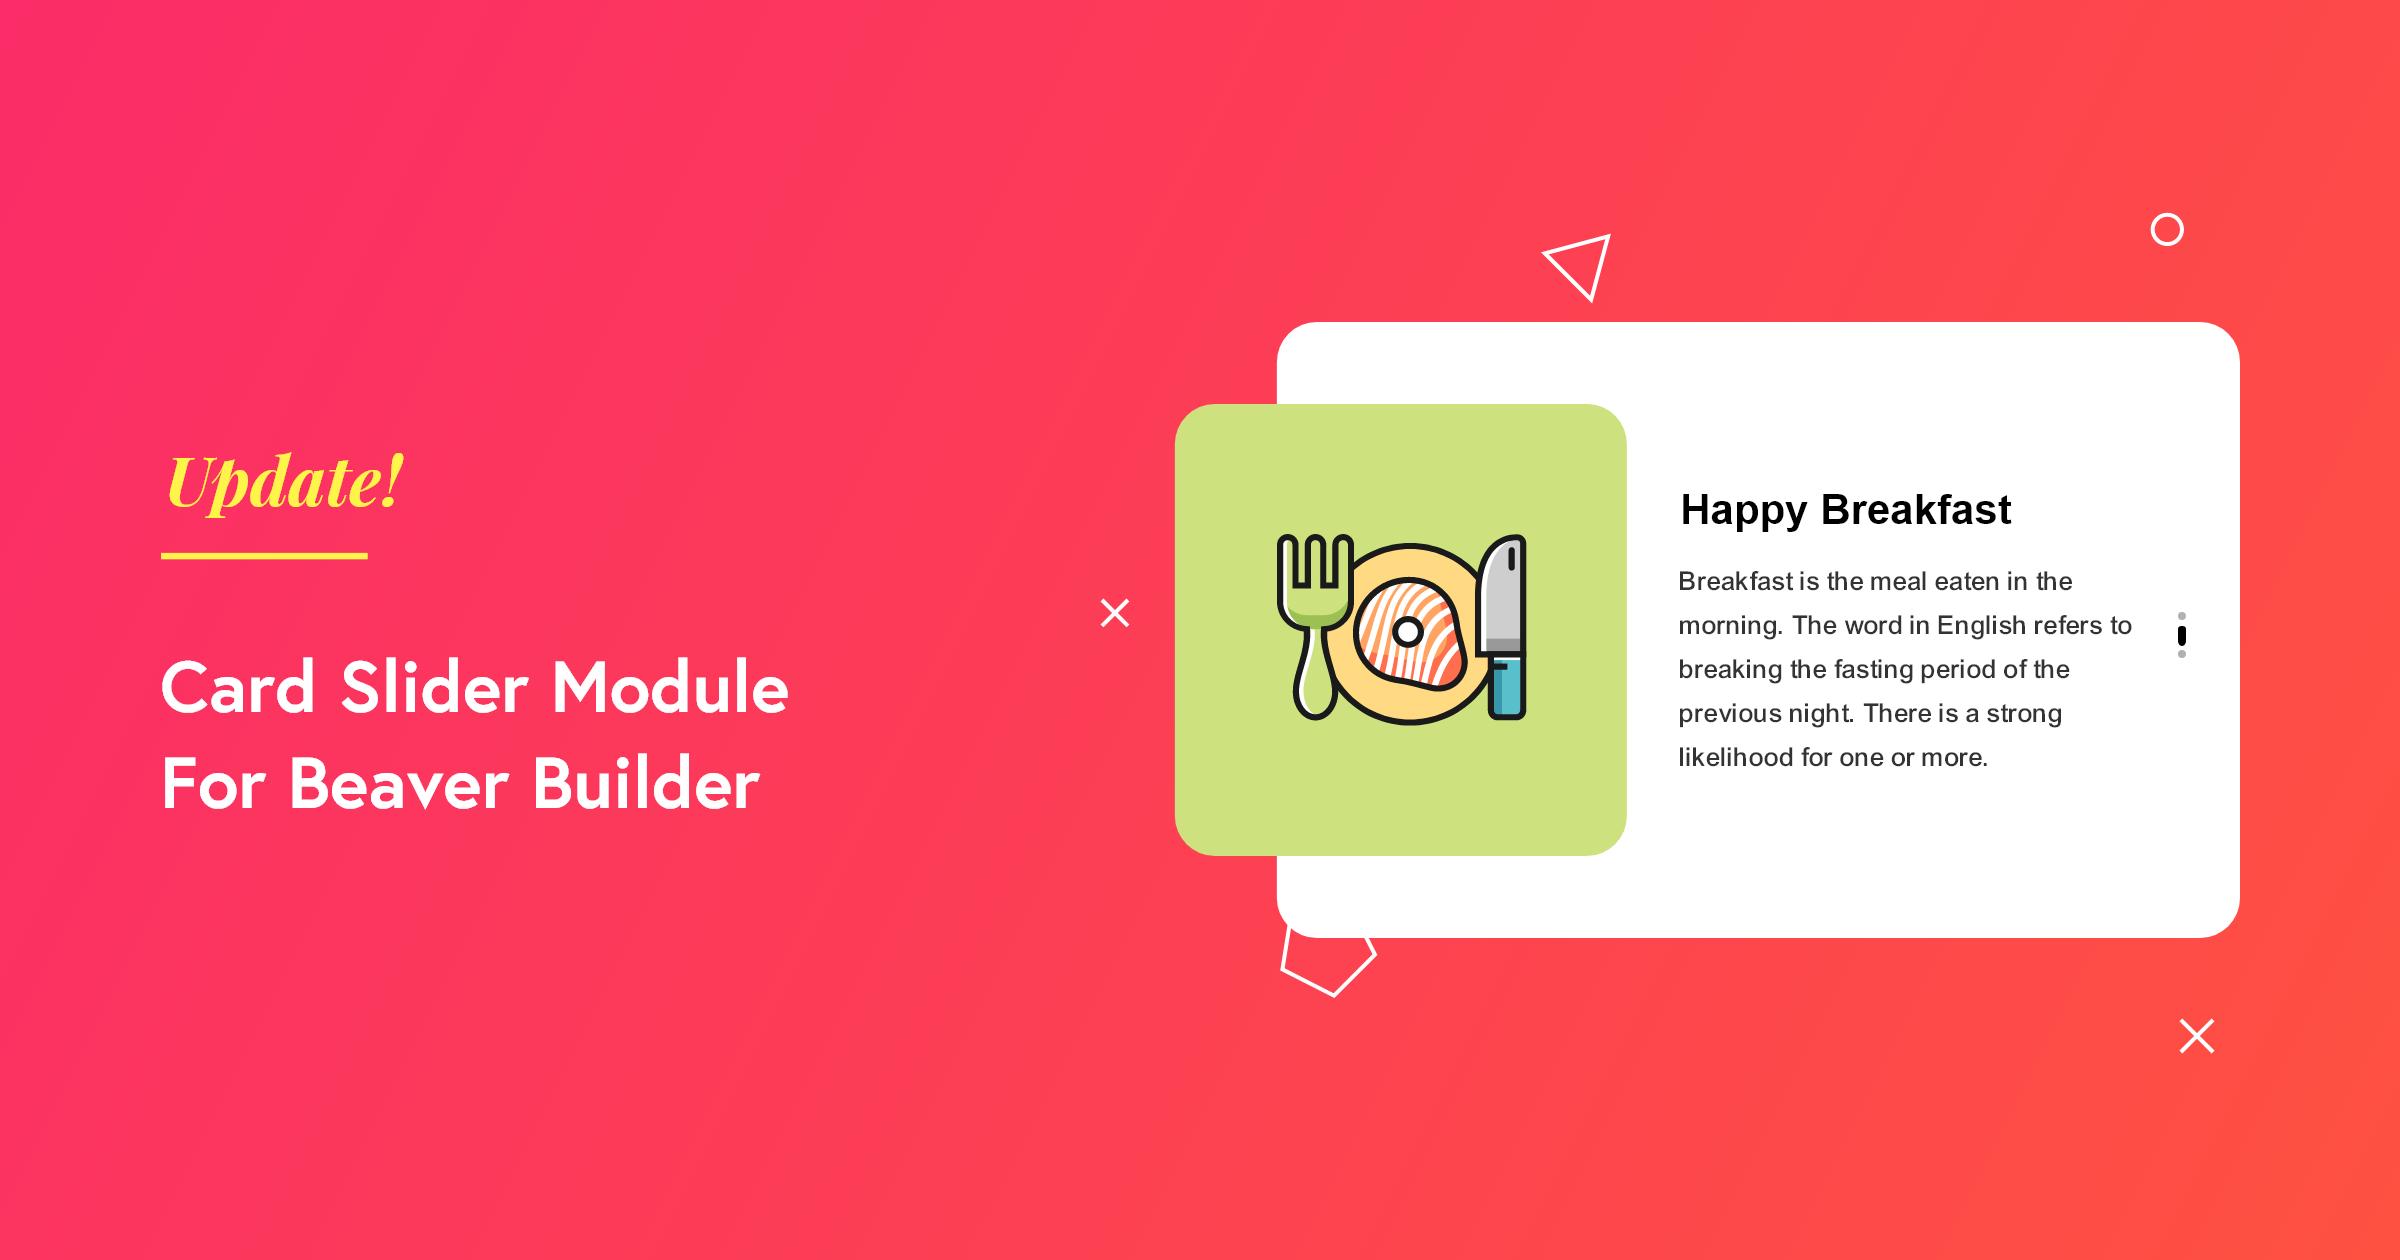 Card Slider Module for Beaver Builder